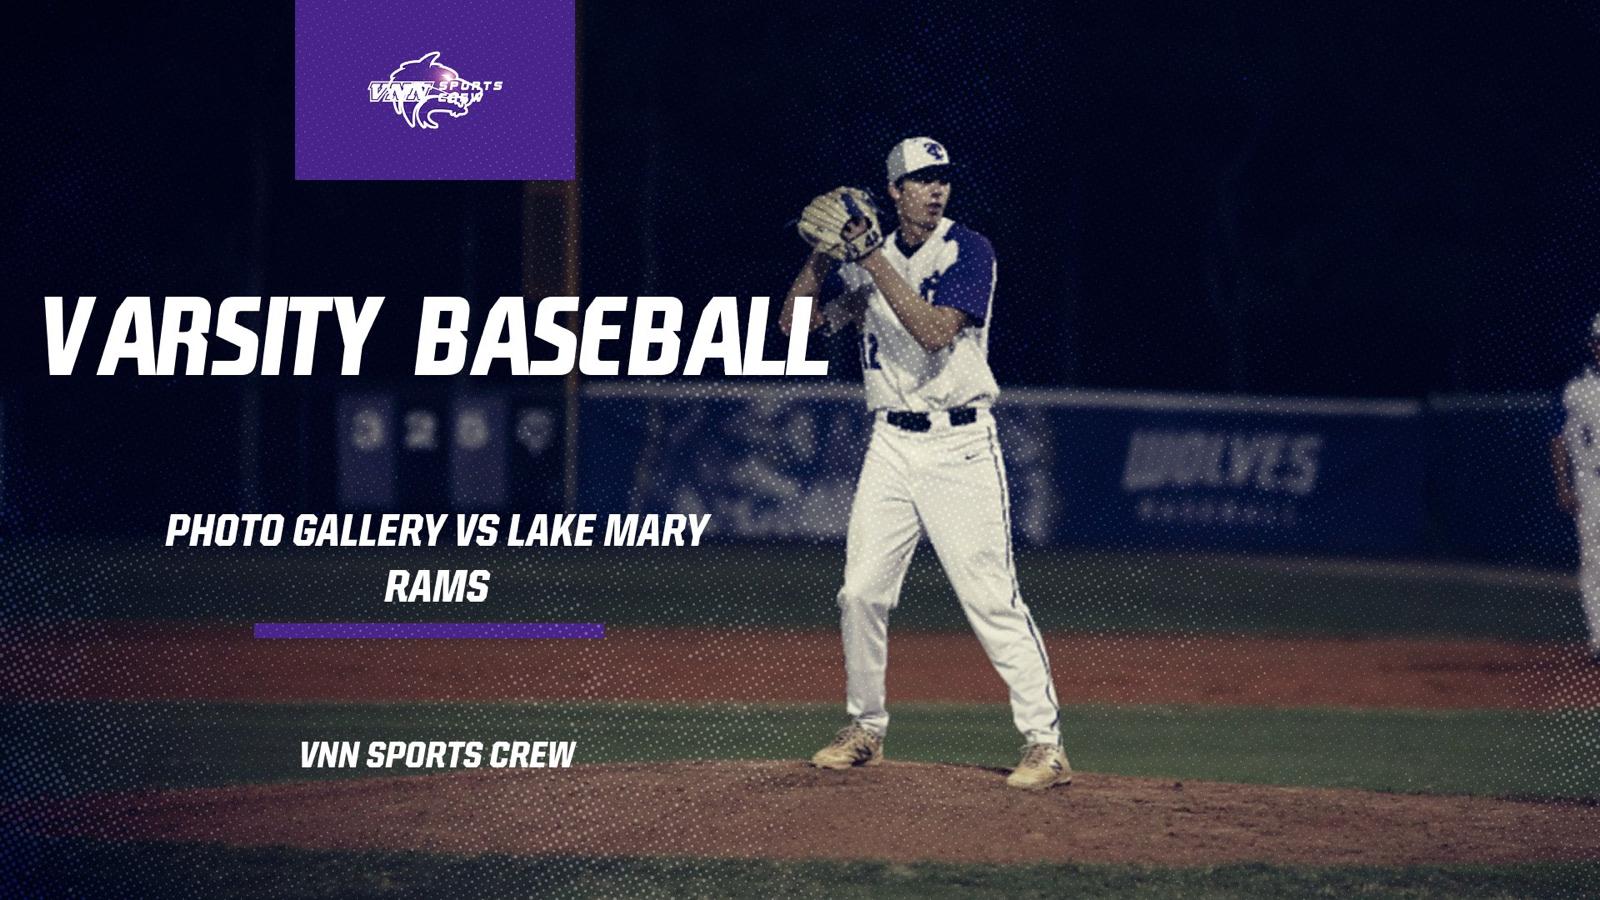 Varsity Baseball | Photo Gallery vs Lake Mary Rams